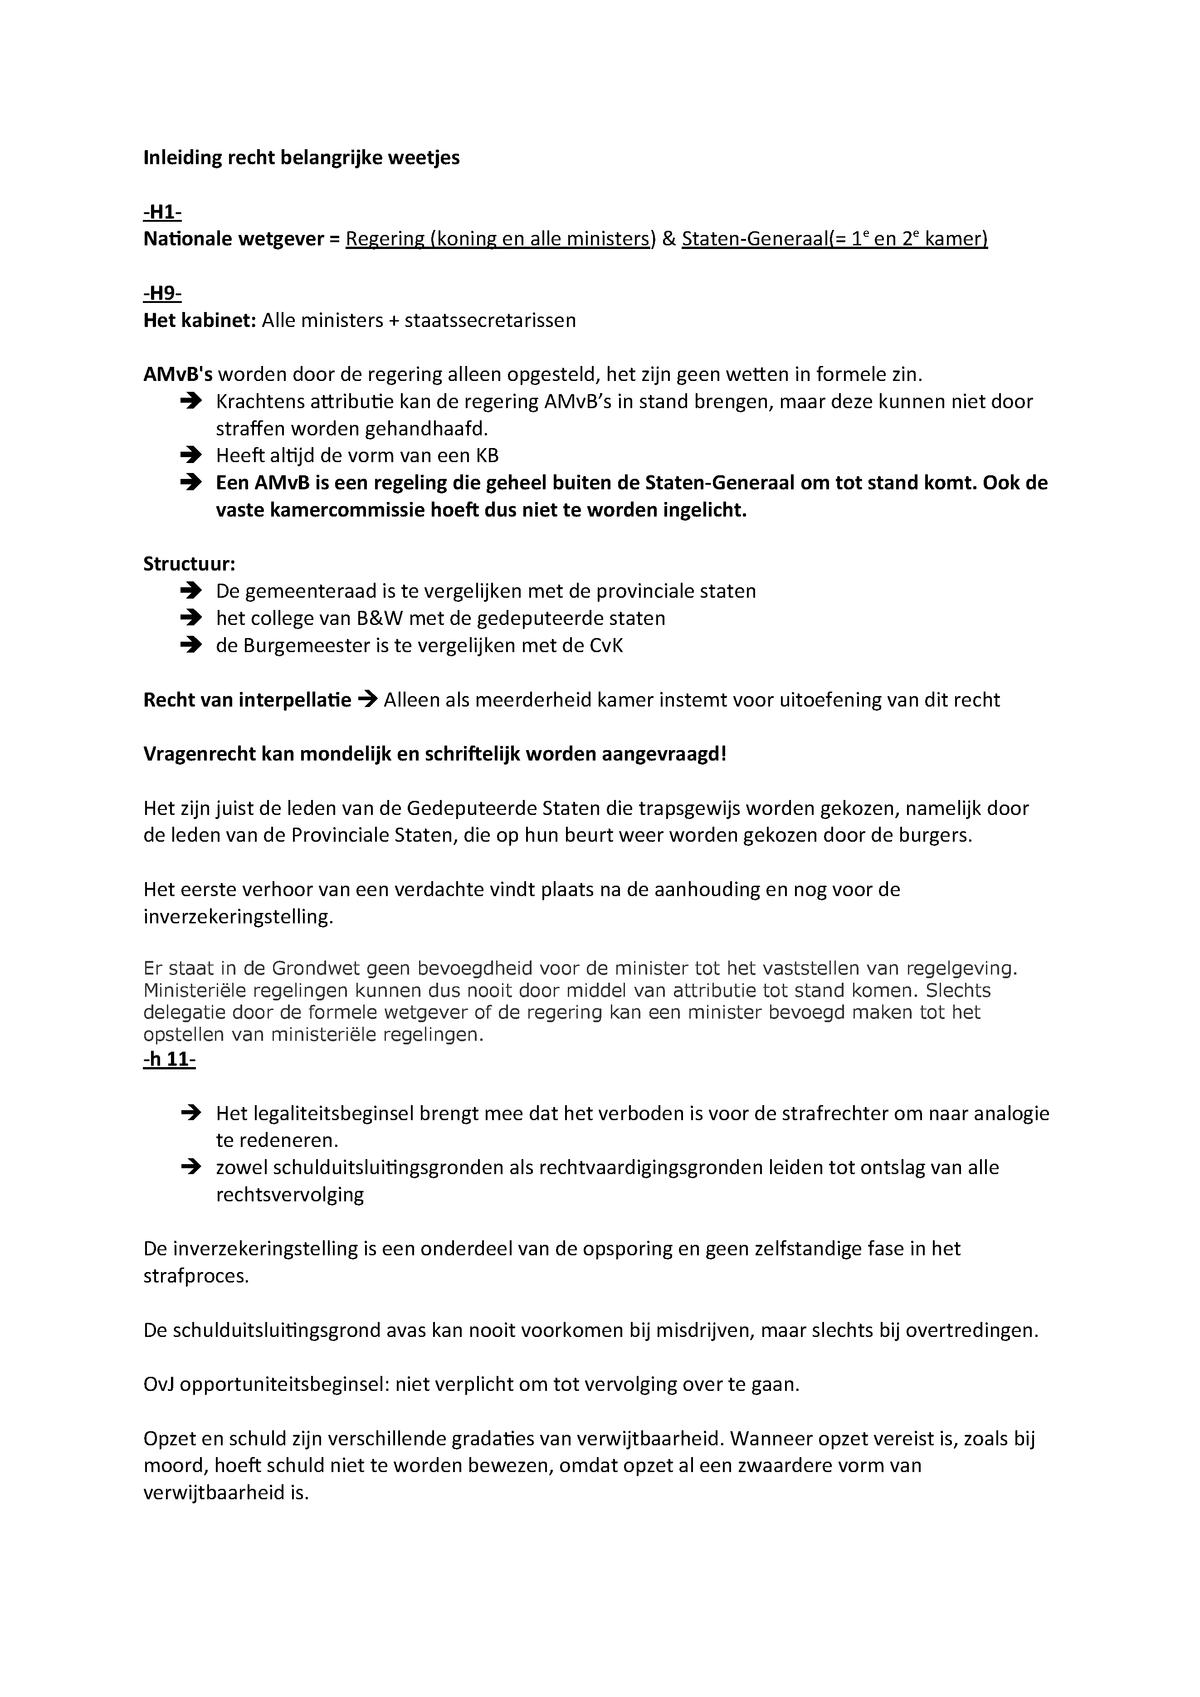 2f02f3be8b6 Belangrijke weetjes per hoofdstuk, Inleiding Recht - StudeerSnel.nl